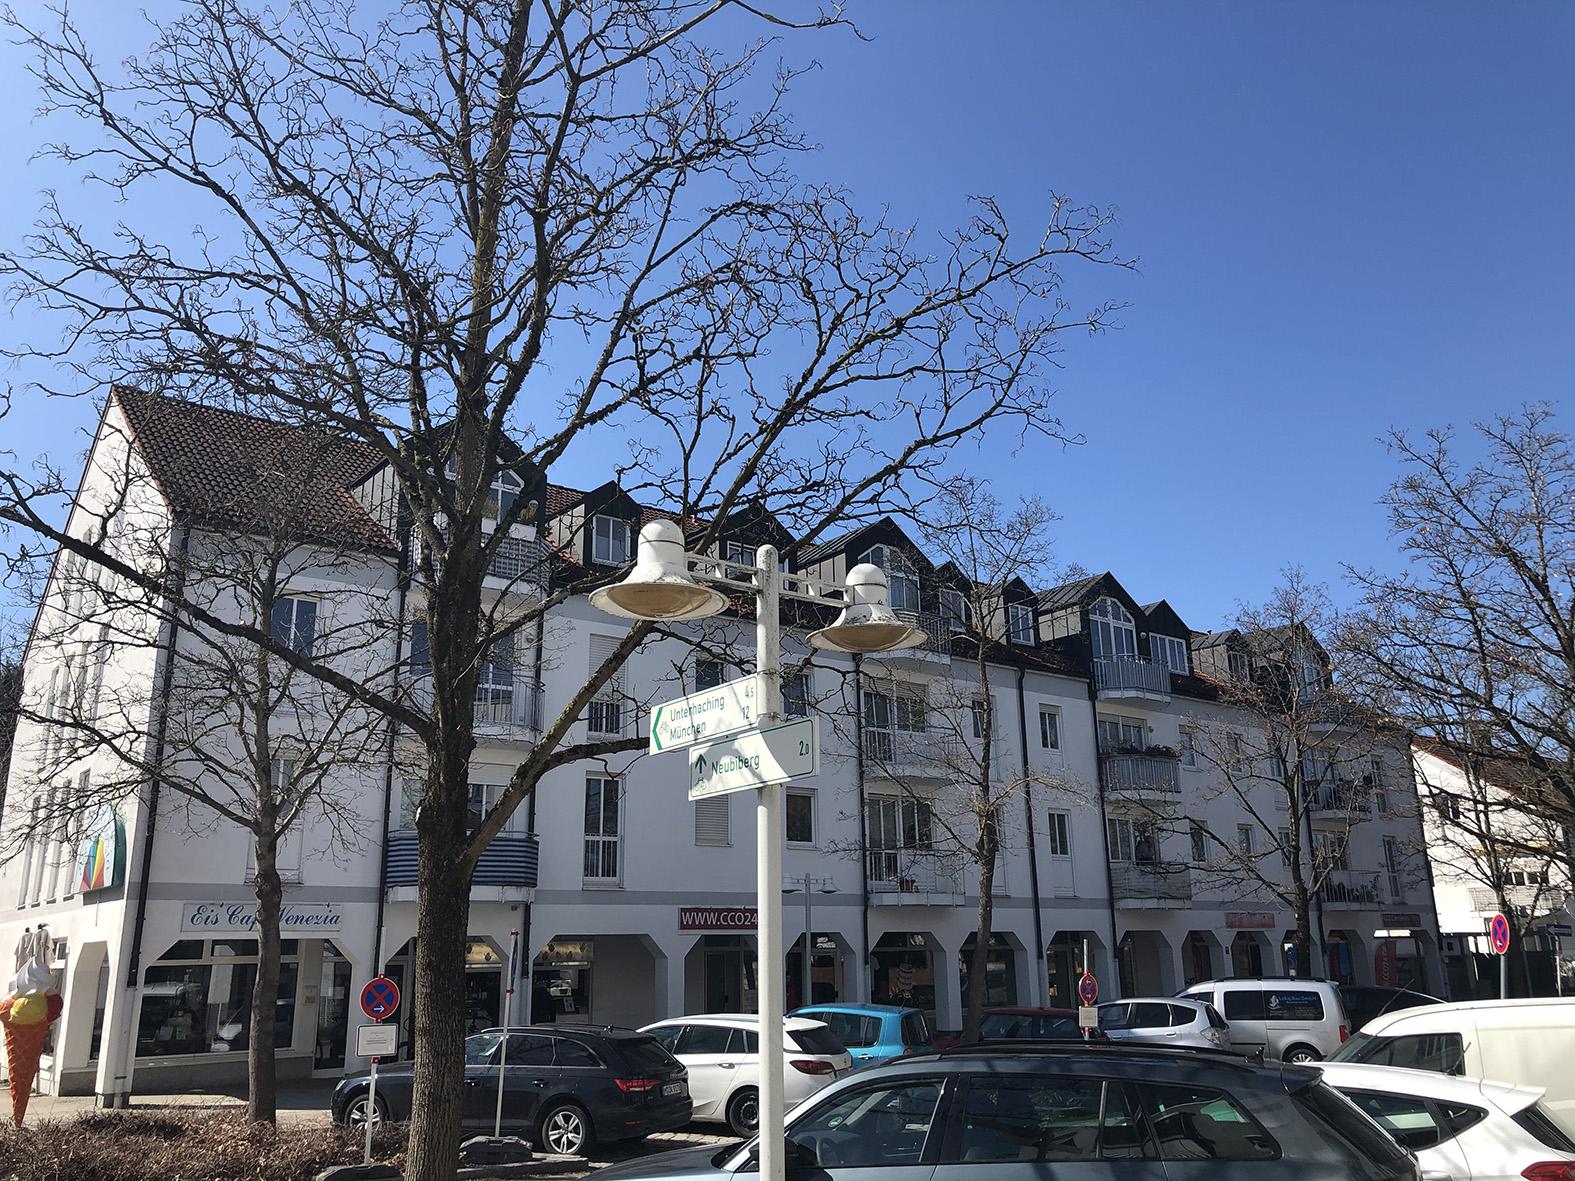 Ottobrunn-Rathausstrasse